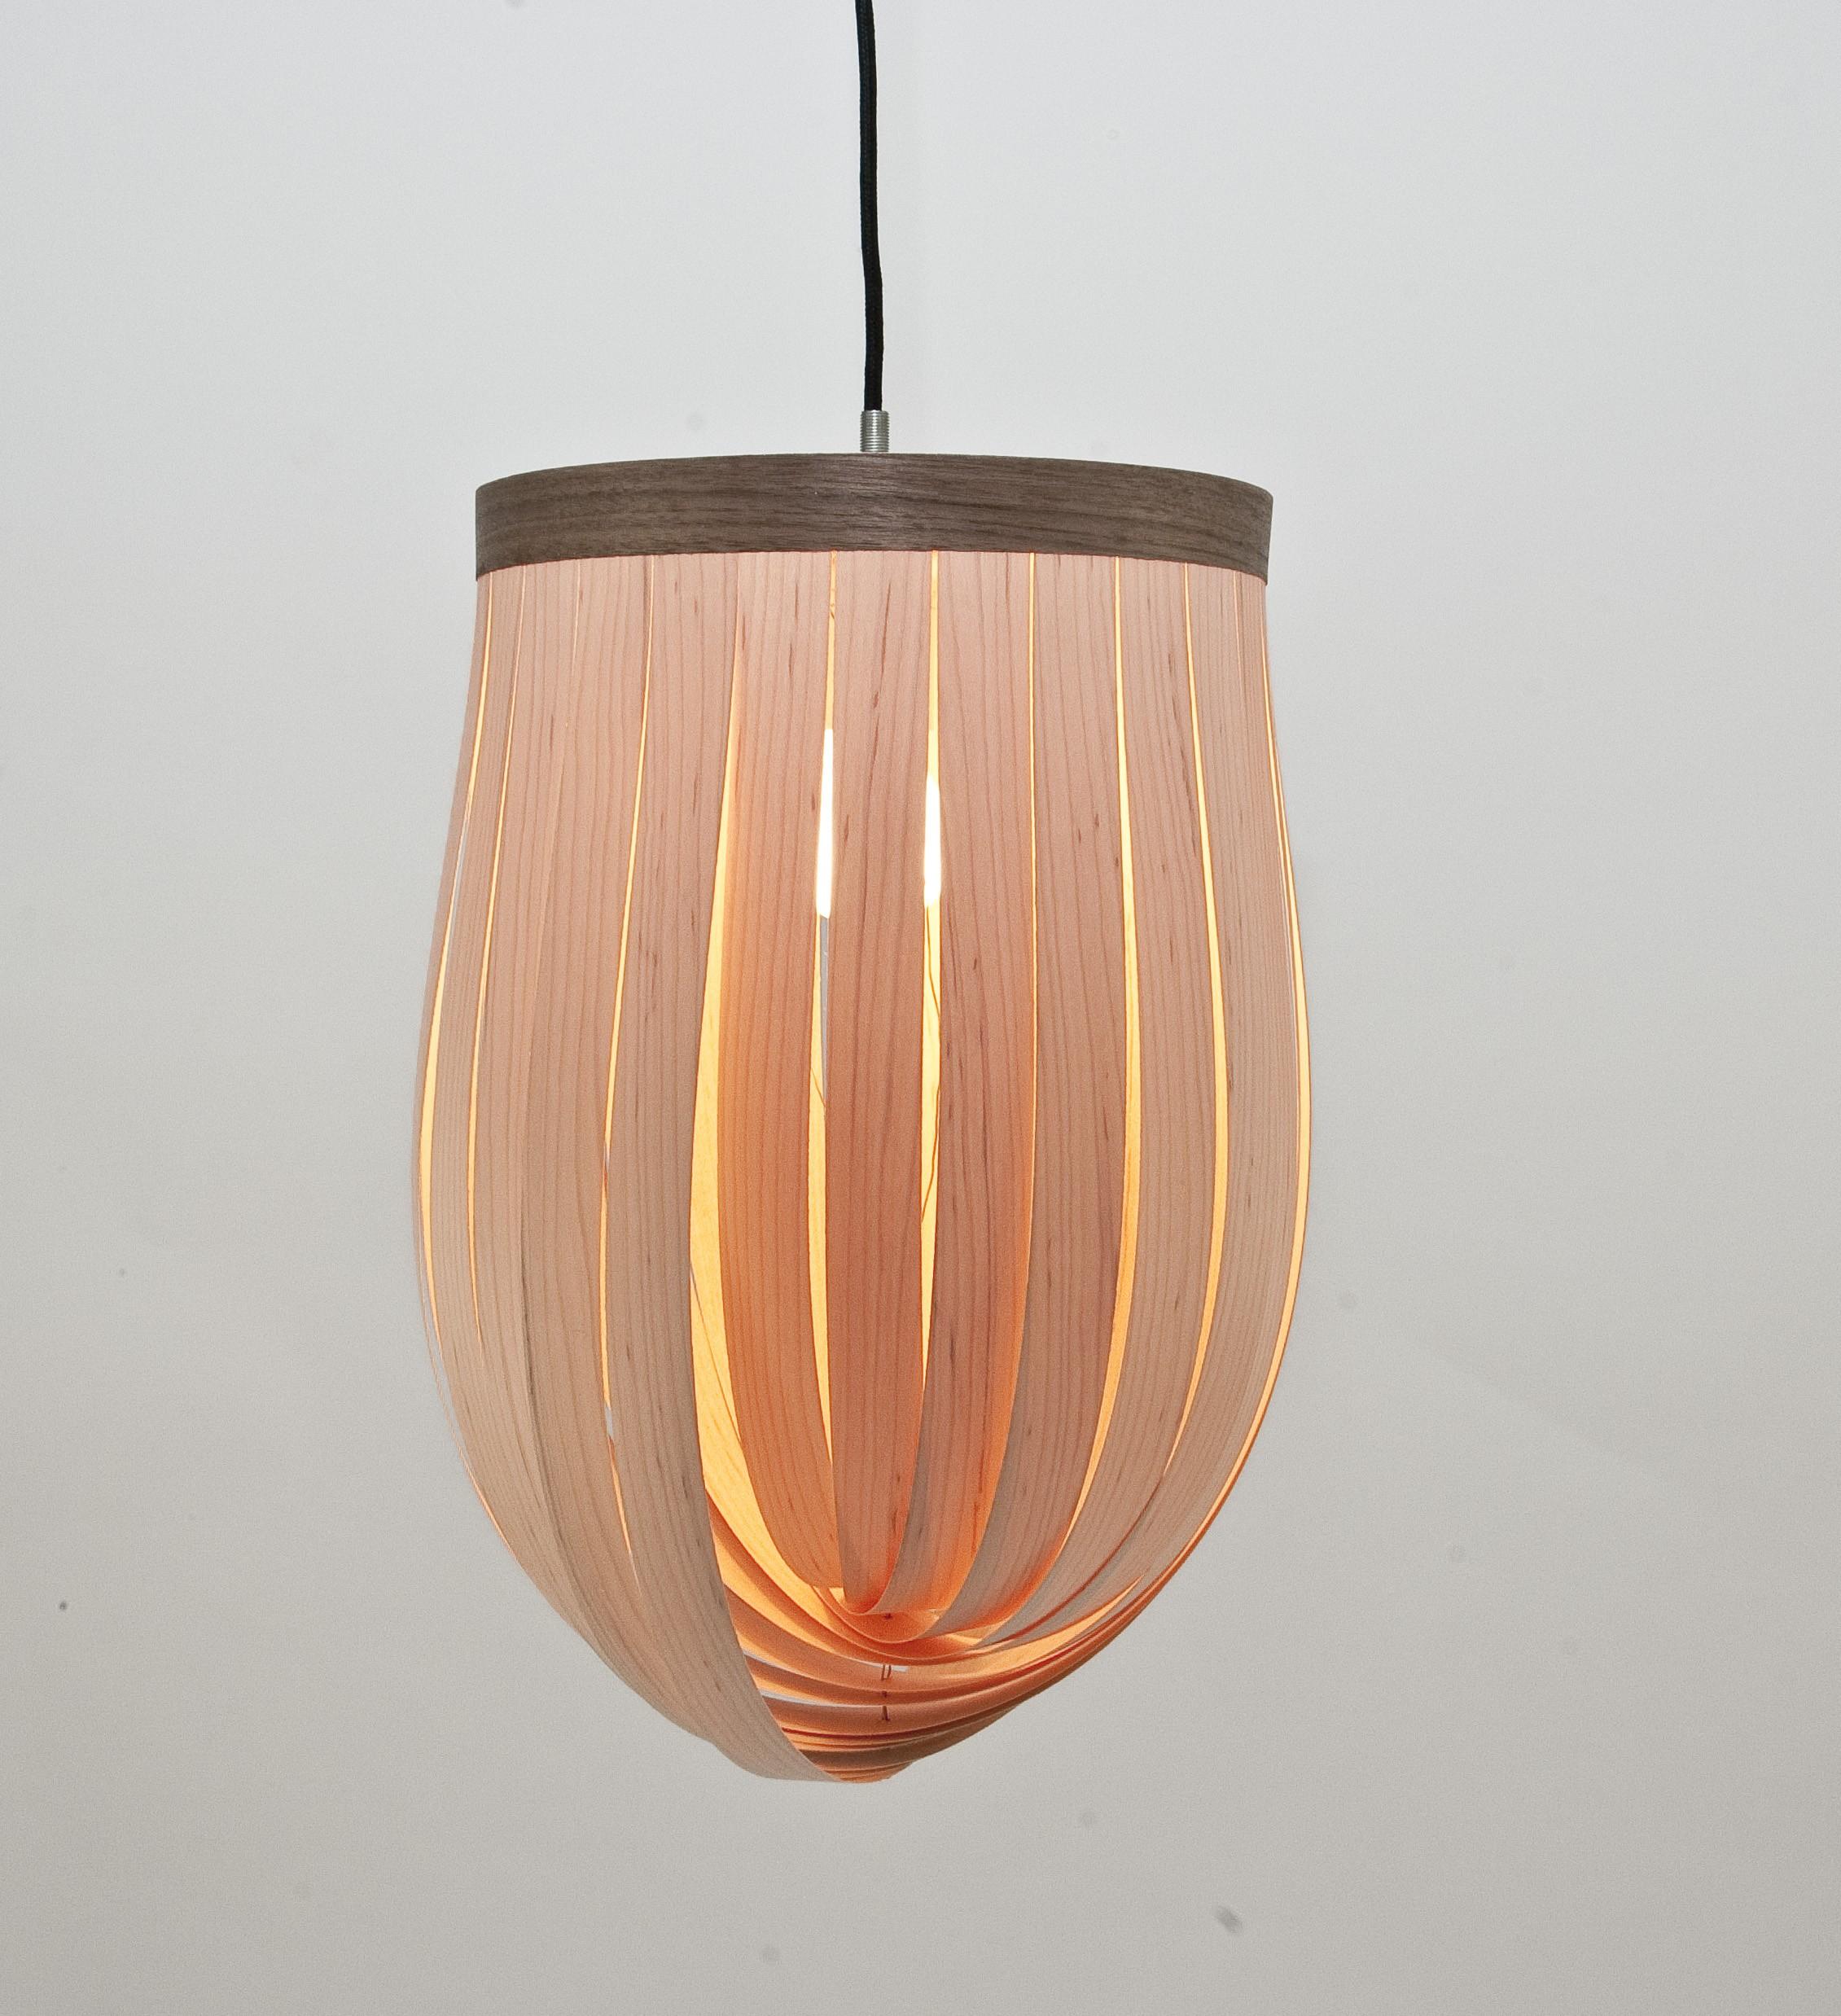 lj lamps epsilon verstellbare pendelleuchte aus holz mit textilkabel. Black Bedroom Furniture Sets. Home Design Ideas